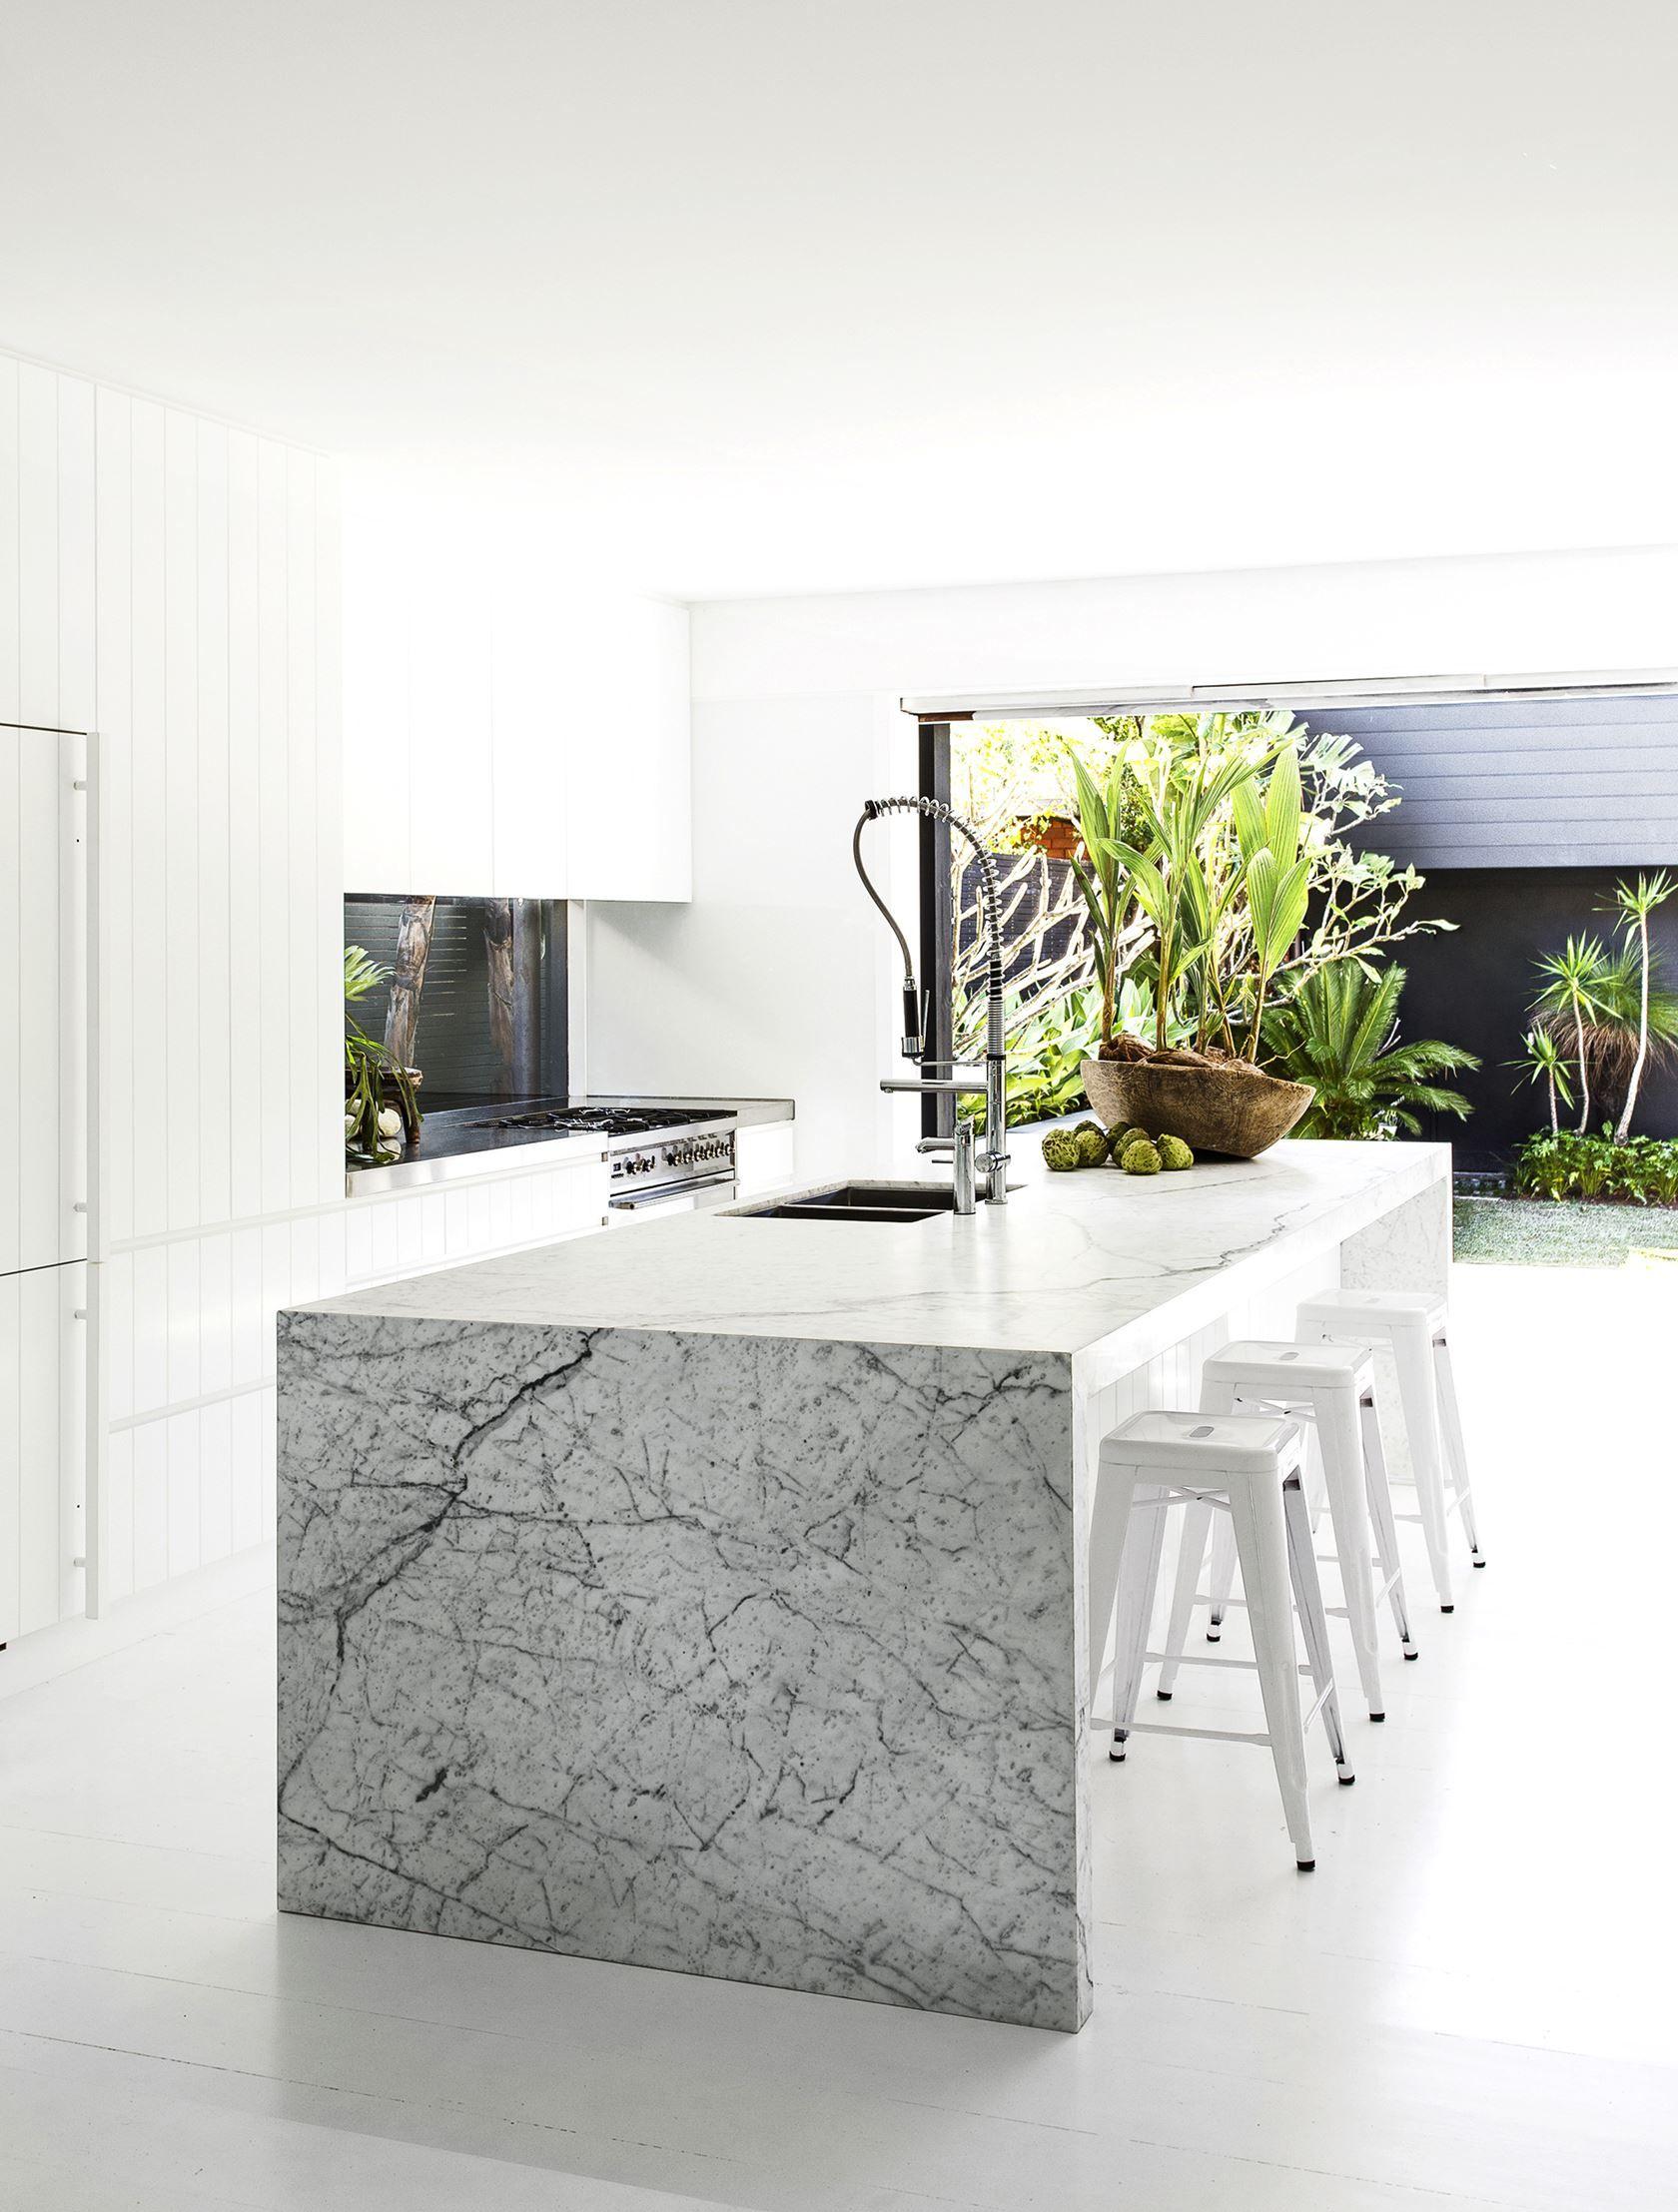 Erfreut Küche Bad Quelle Weiß Ebenen Ideen - Küchen Design Ideen ...